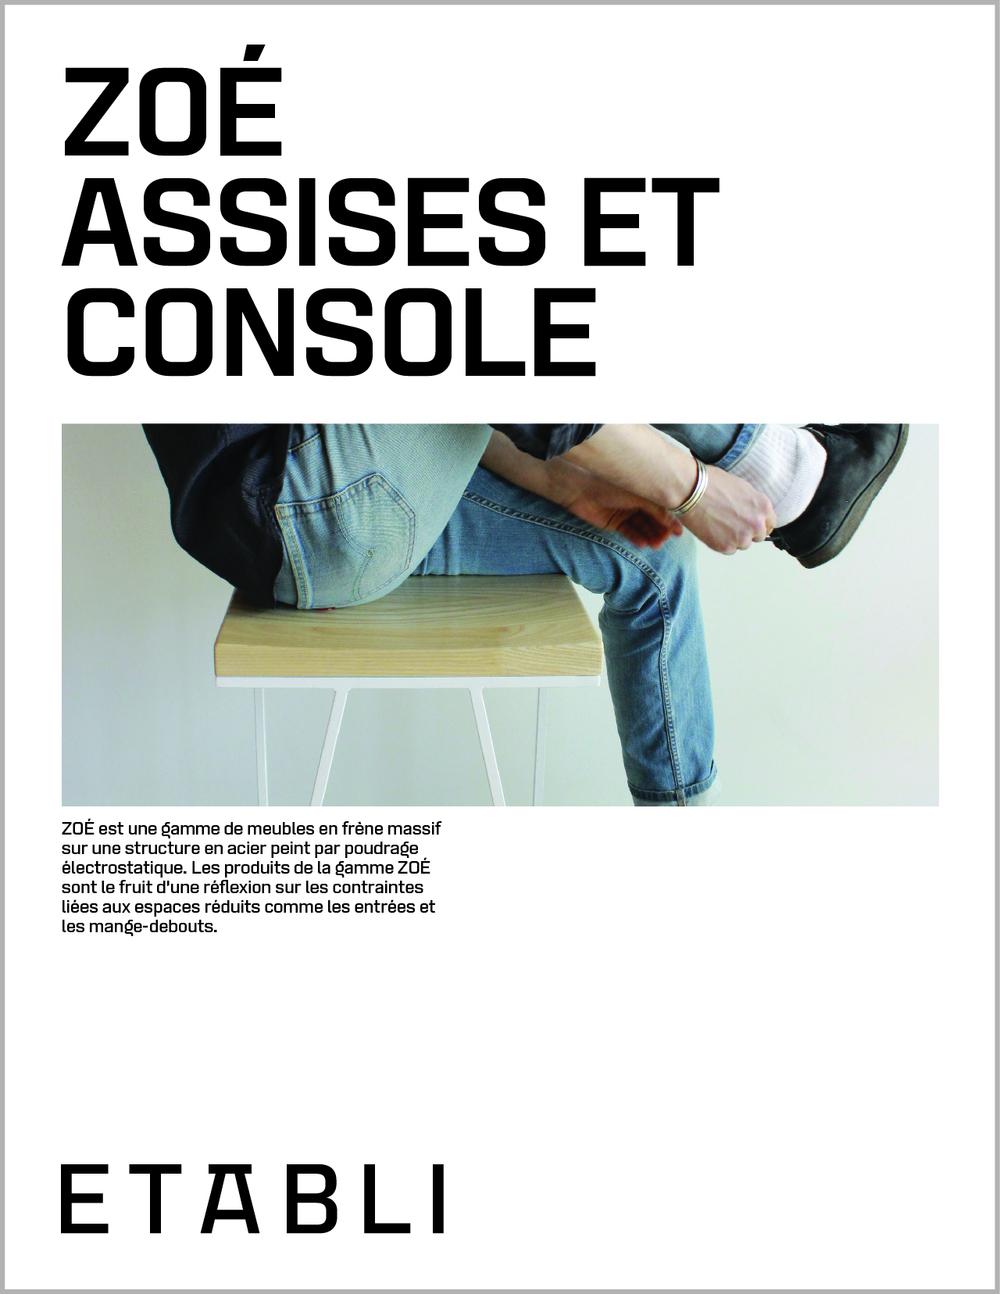 Le catalogue ZOÉ est désormaistéléchargeable en ligne,http://www.etabli.ca/catalogue/